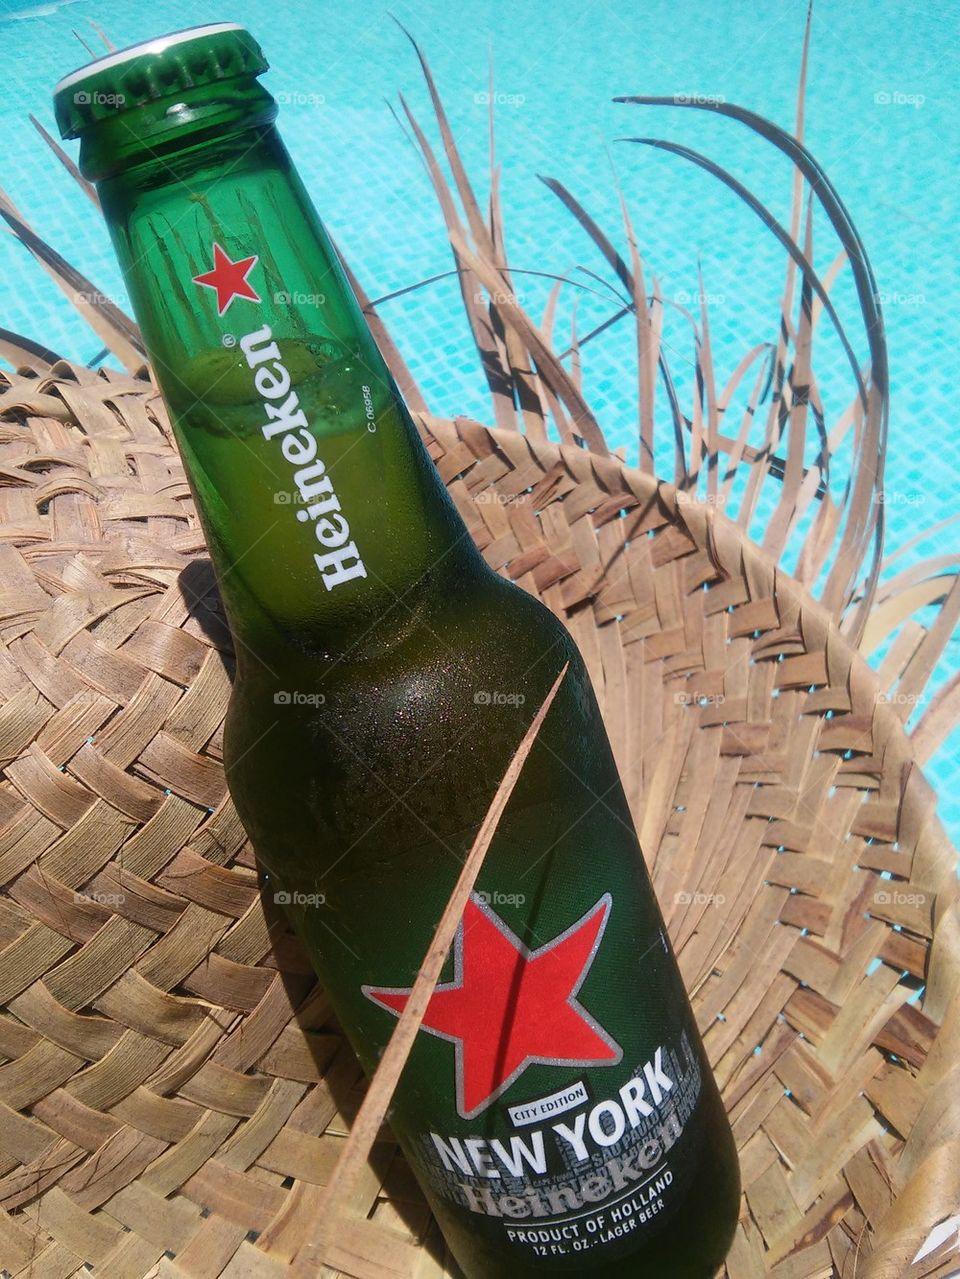 Summer with Heineken